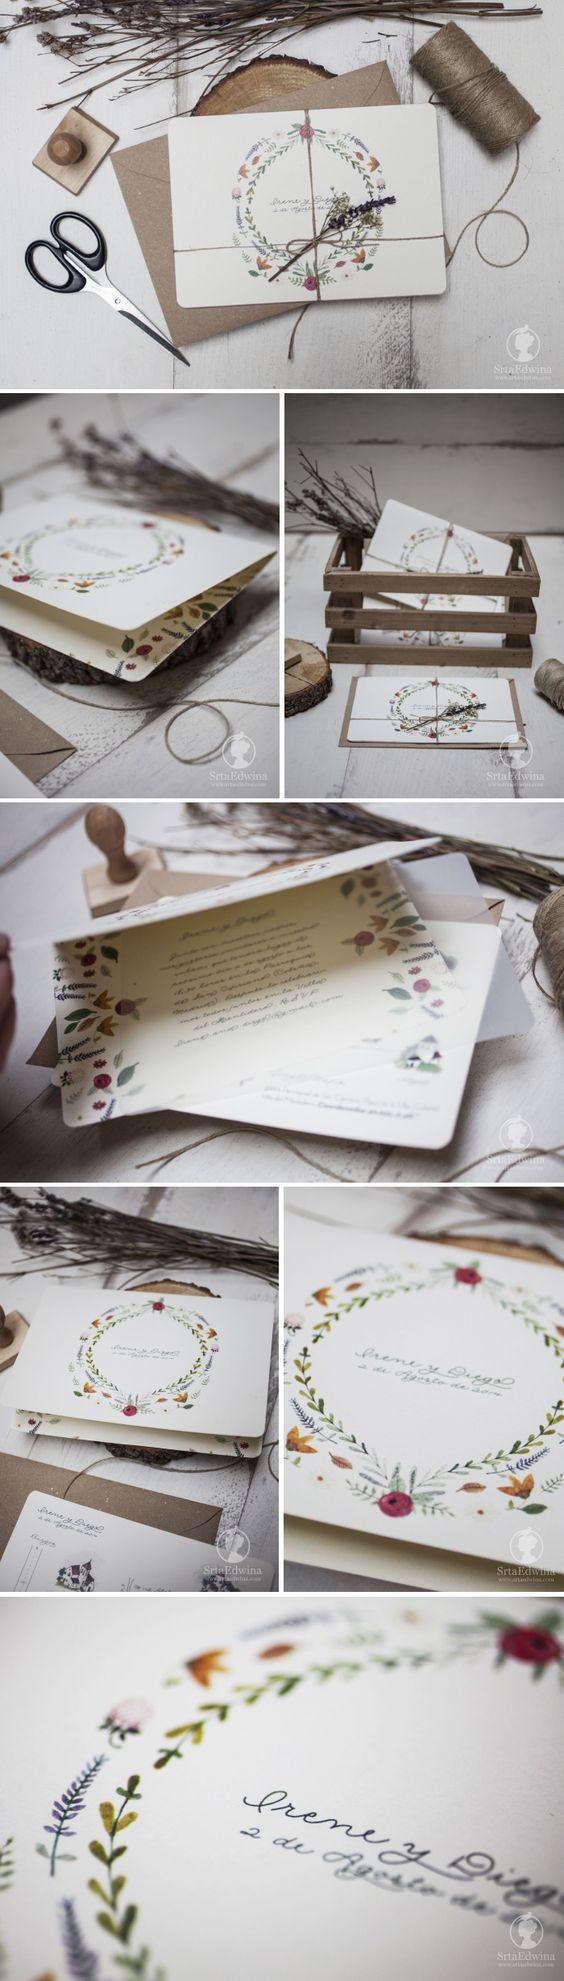 Invitaciones de boda ilustradas, invitaciones de boda románticas, wedding stationery, wedding invites